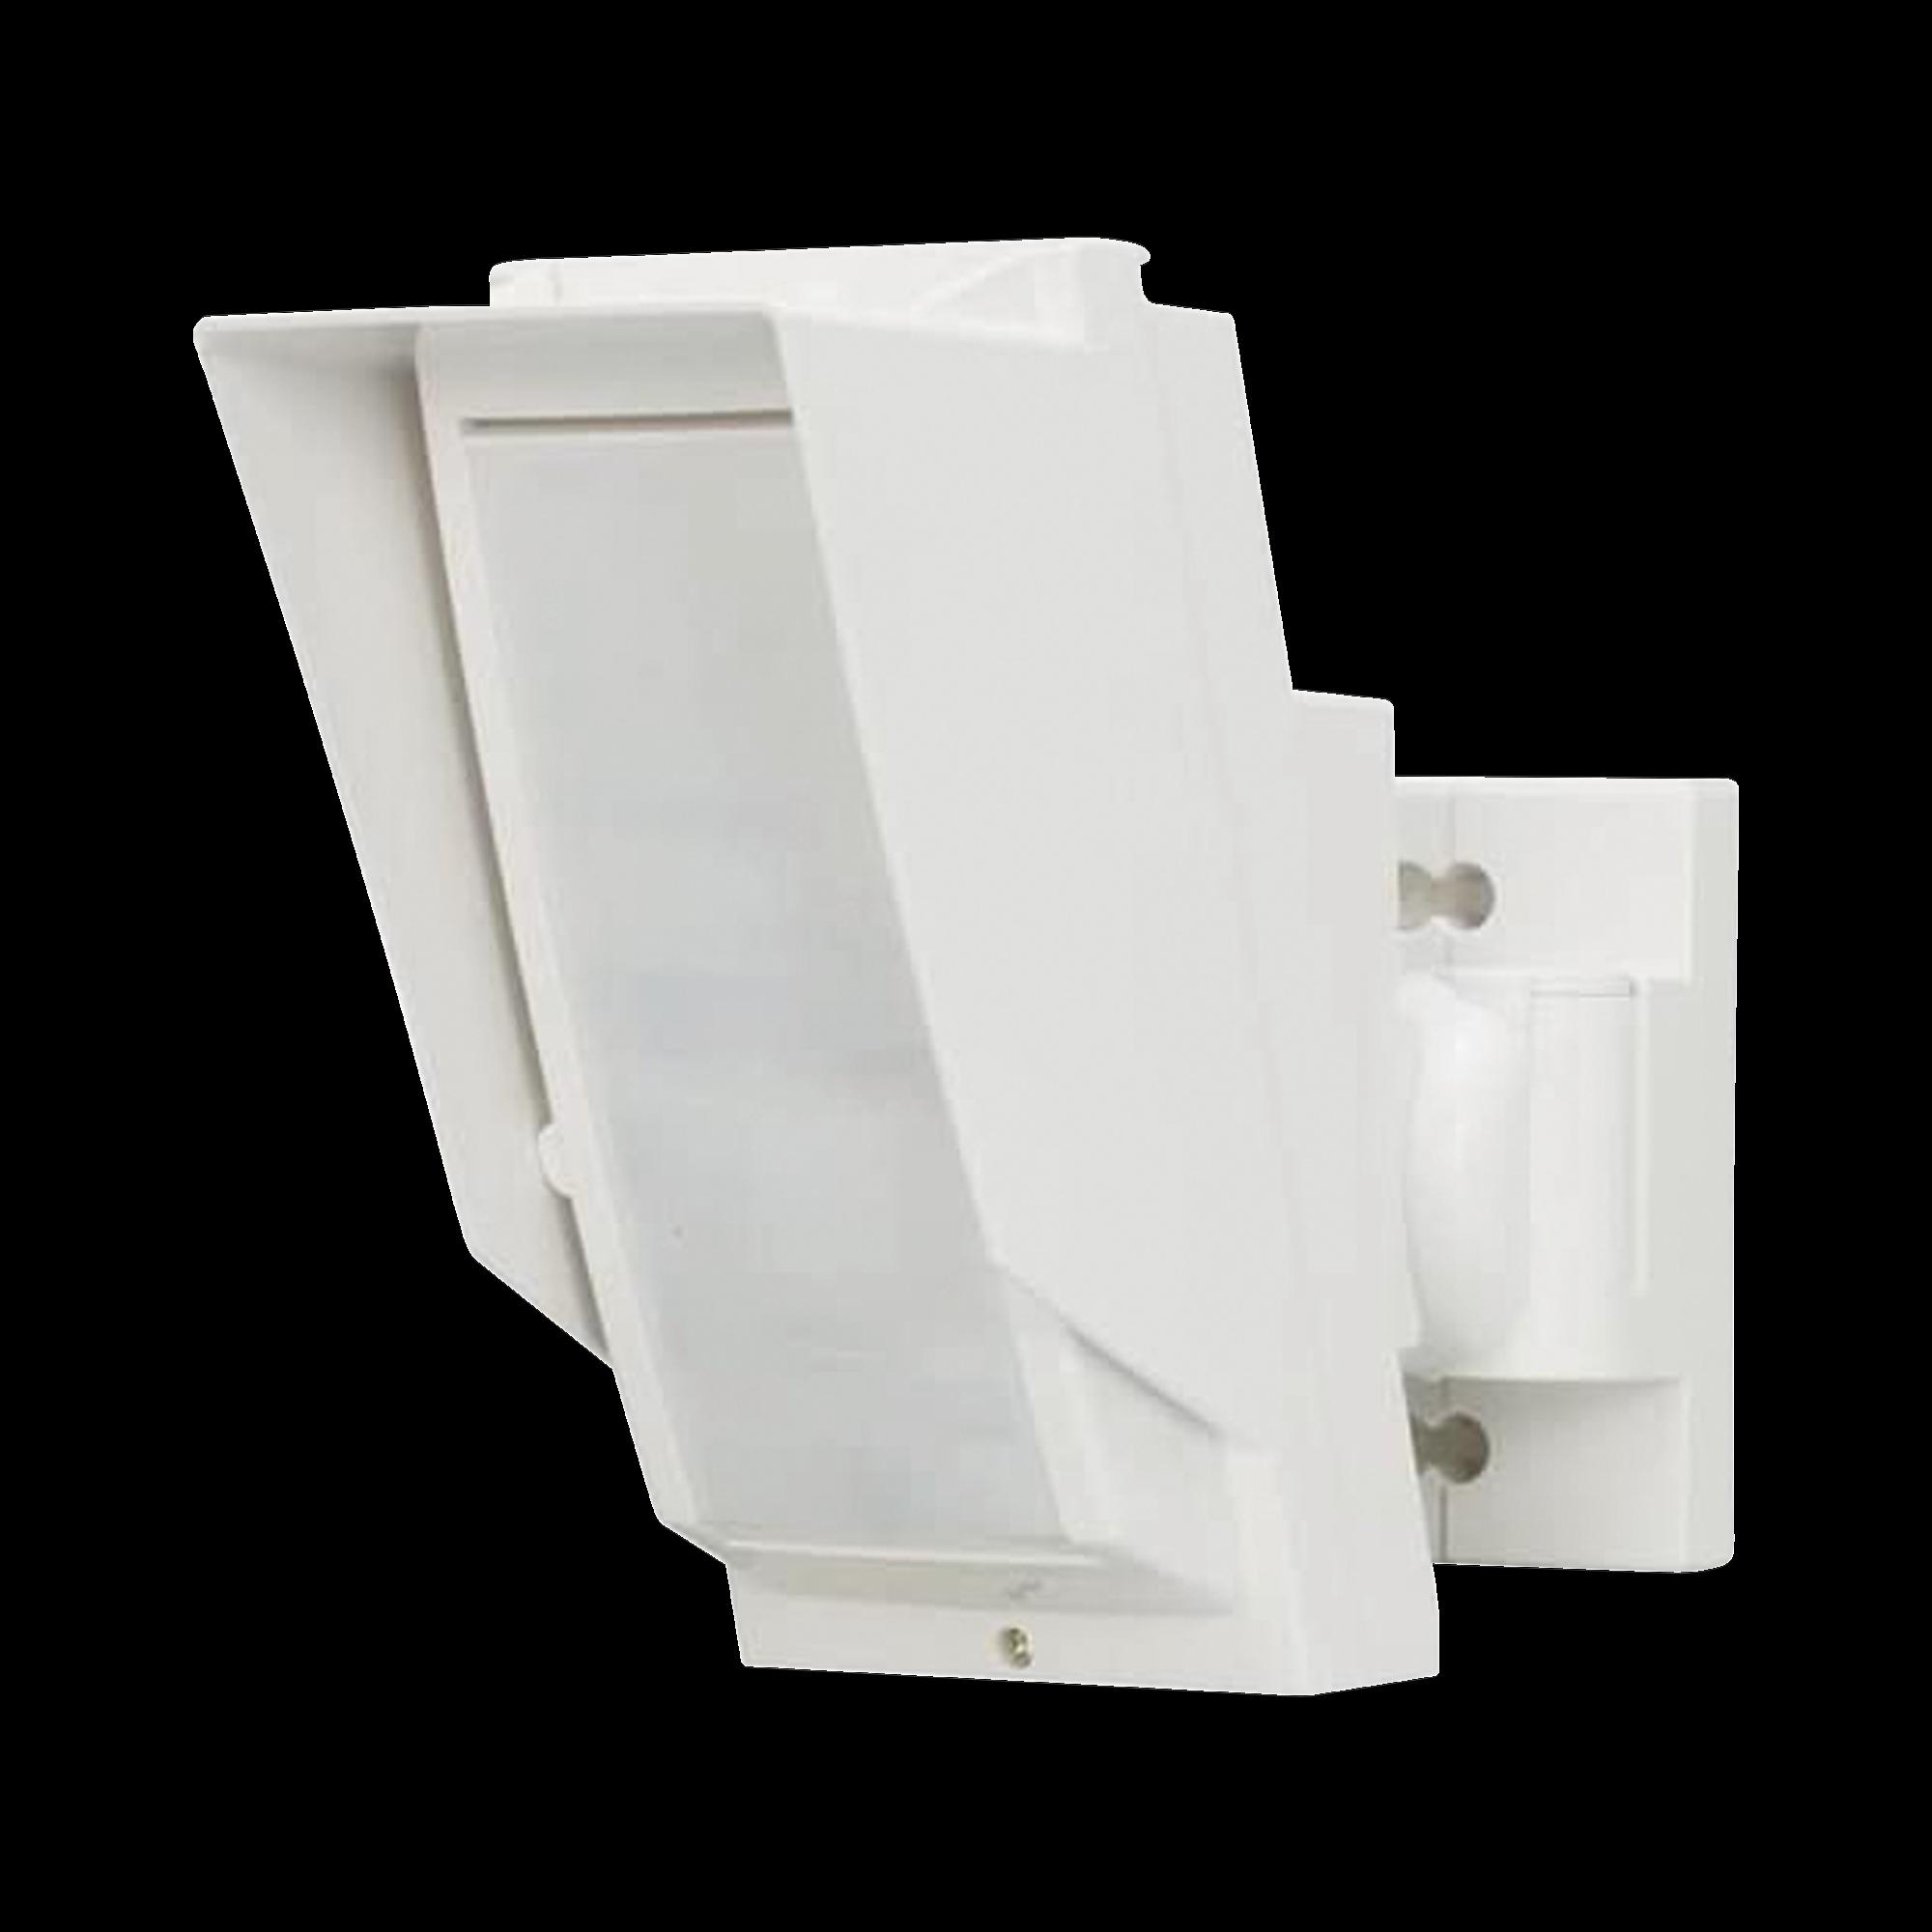 Detector de Movimiento / 100% Exterior /  Inalambrico (Alimentacion) / Hasta 24 metros / Instalación a 3 metros / Compatible con cualquier panel de alarma